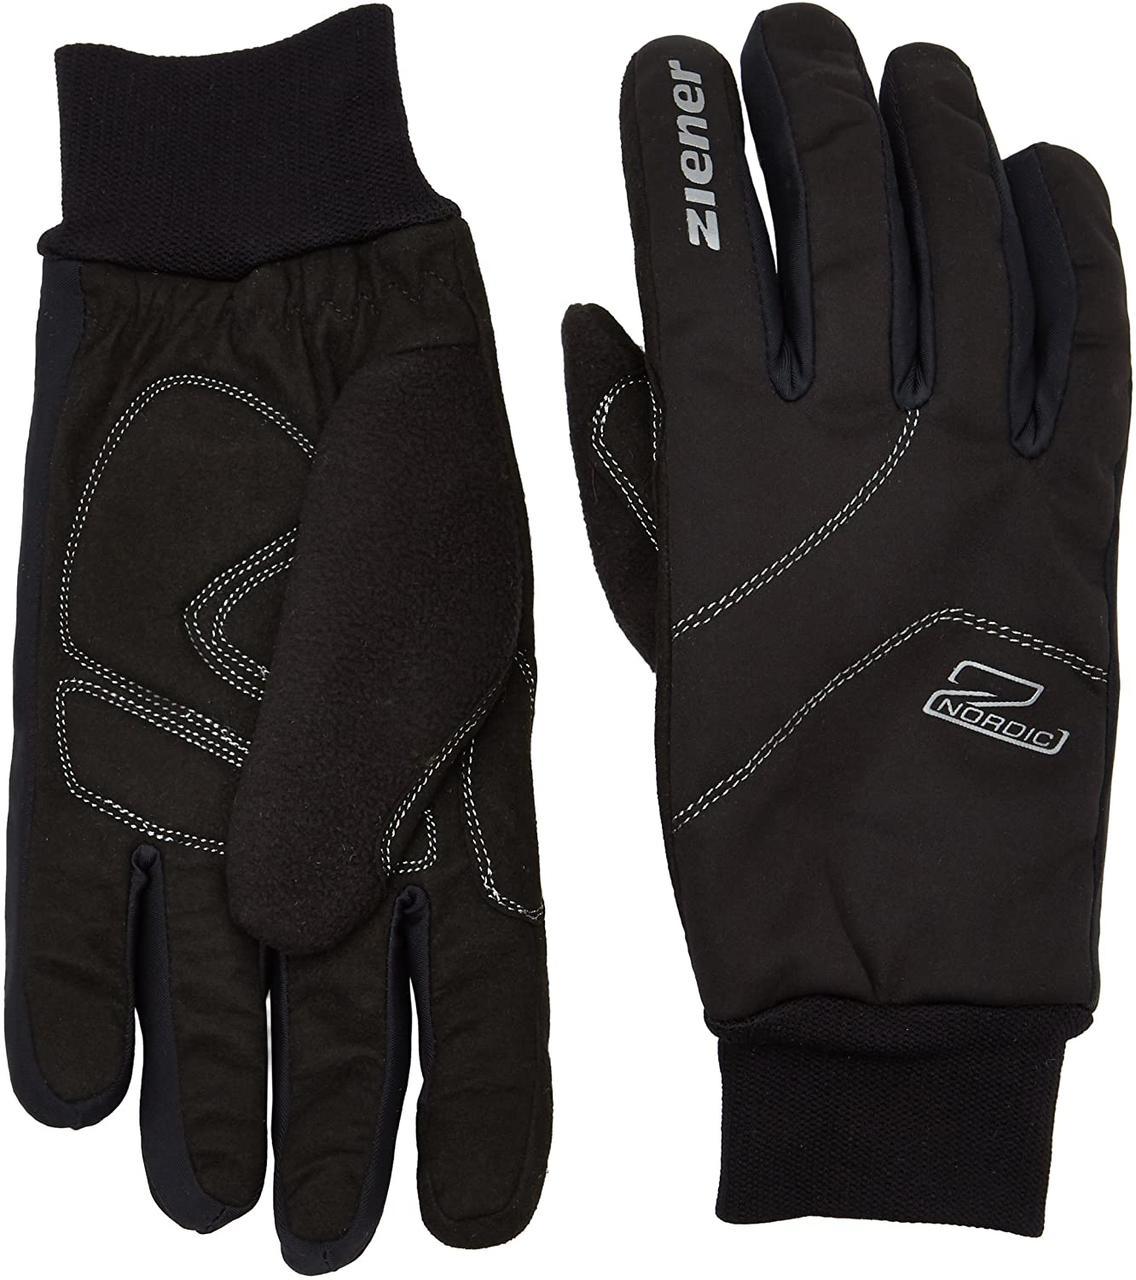 Гірськолижні рукавички Ziener Uller Crosscountry | розмір 10.5 | soft-shellспортивна, тепла північна софтшелл